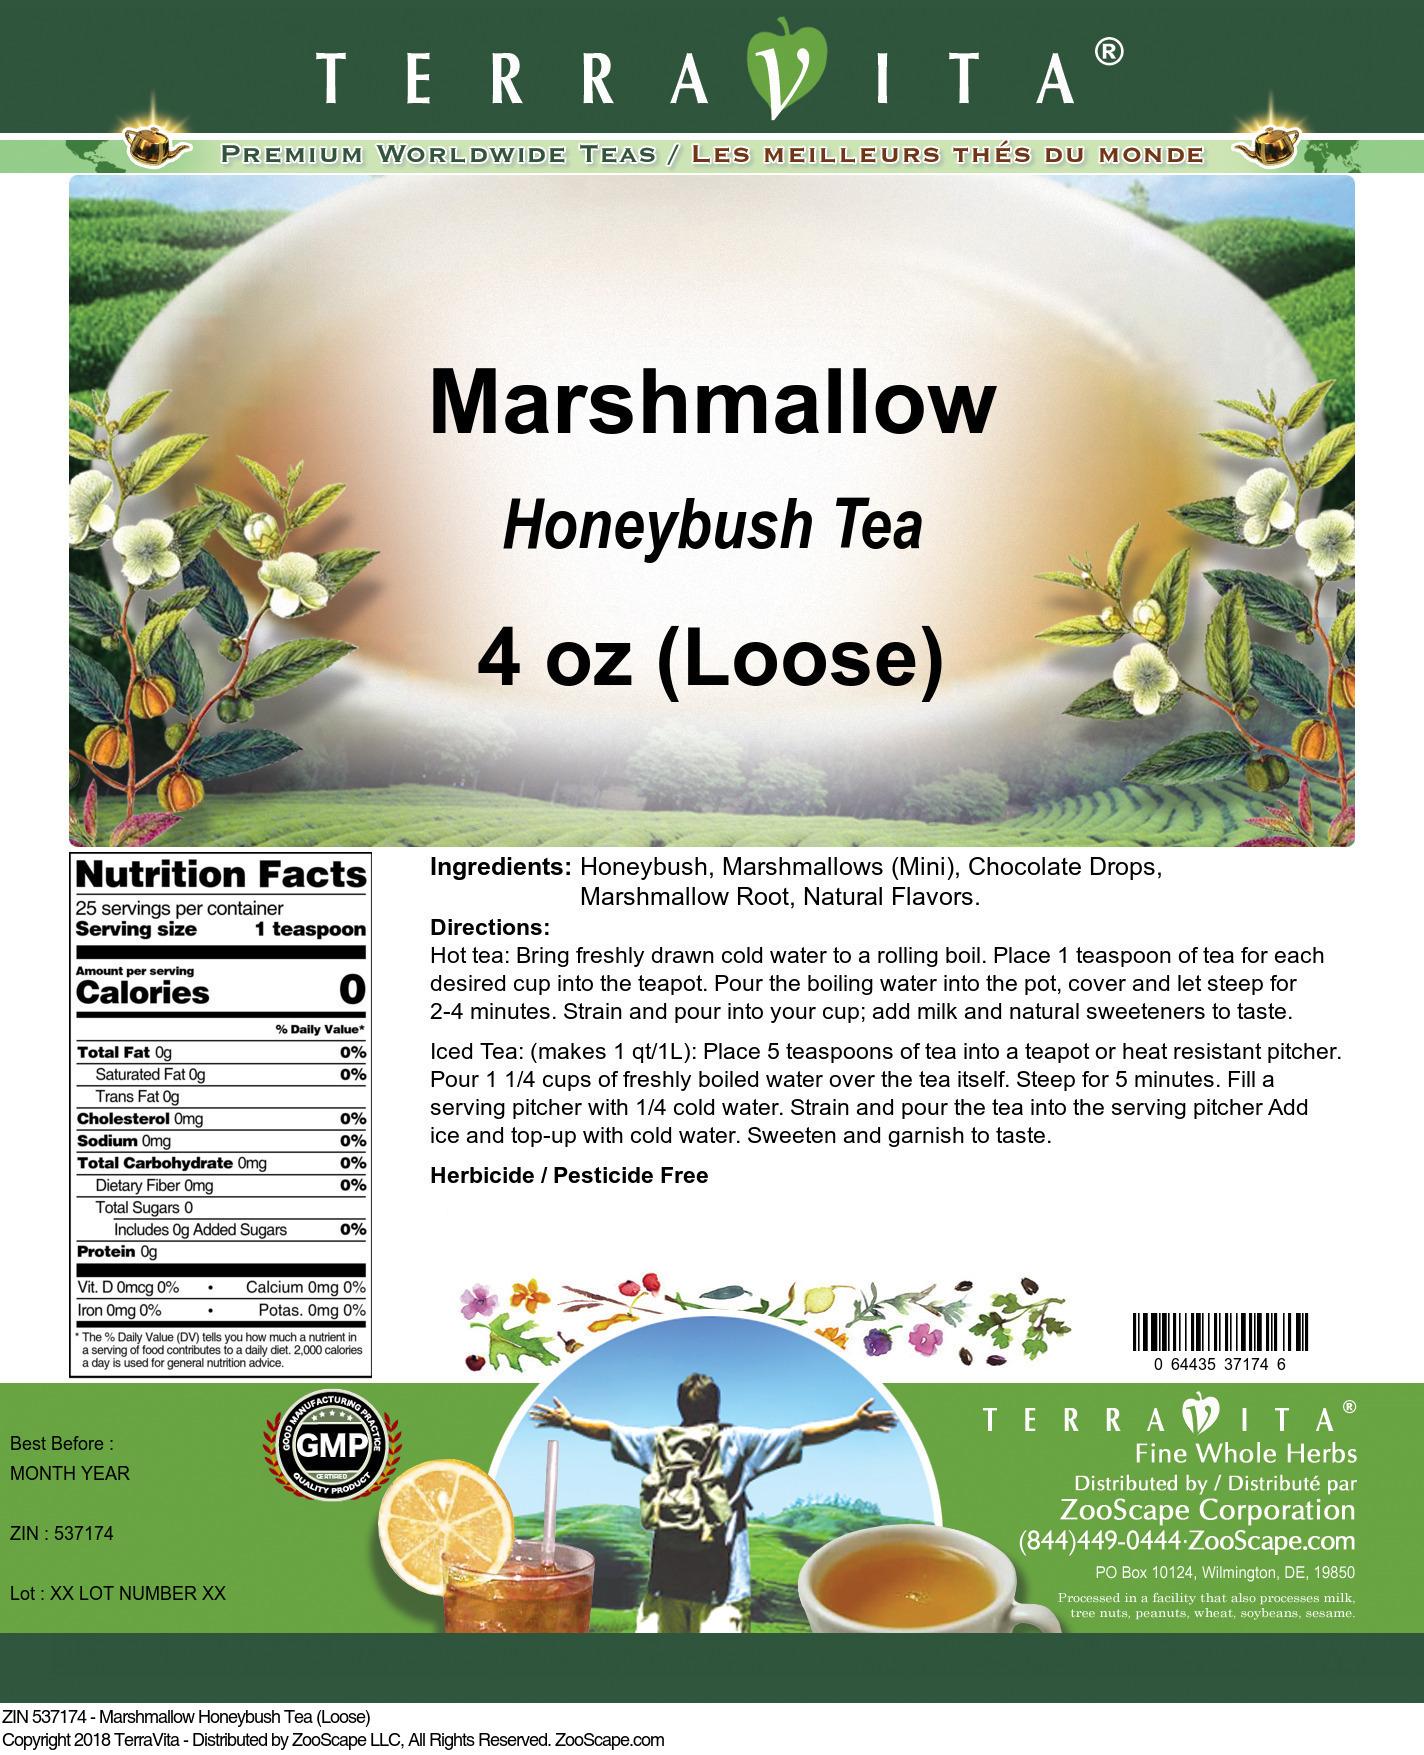 Marshmallow Honeybush Tea (Loose)